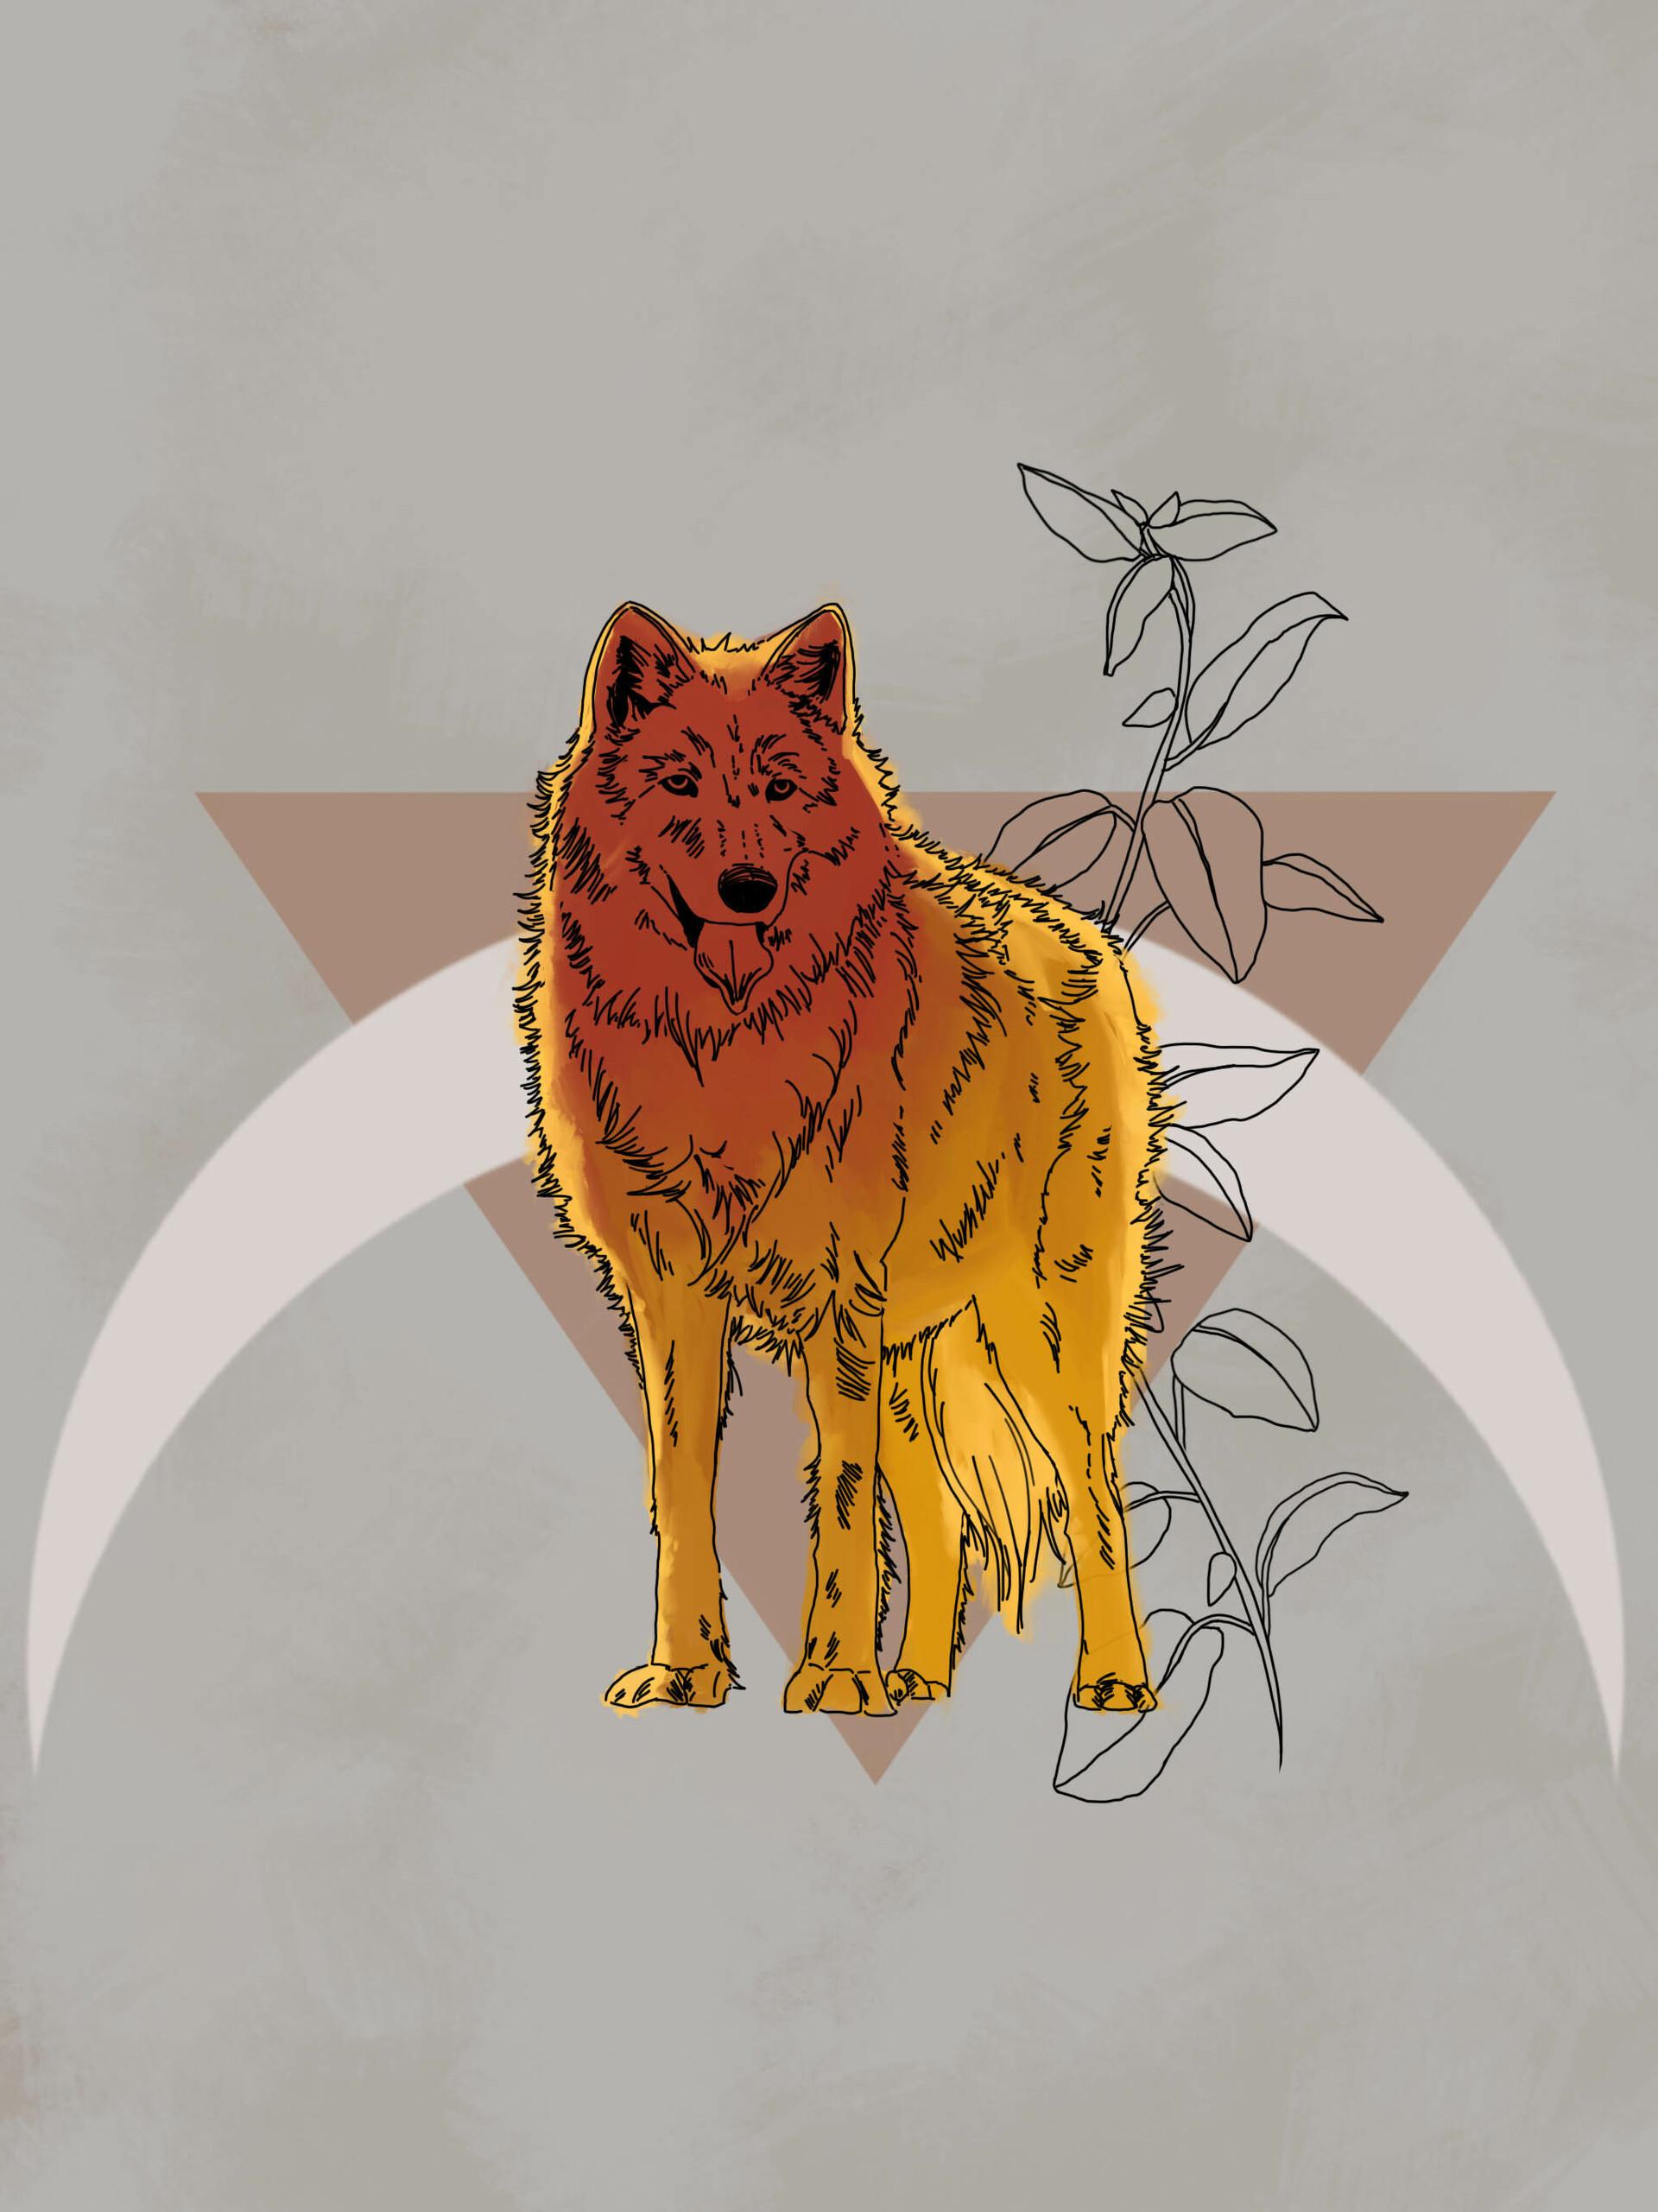 Kate miterko basil wolf smol